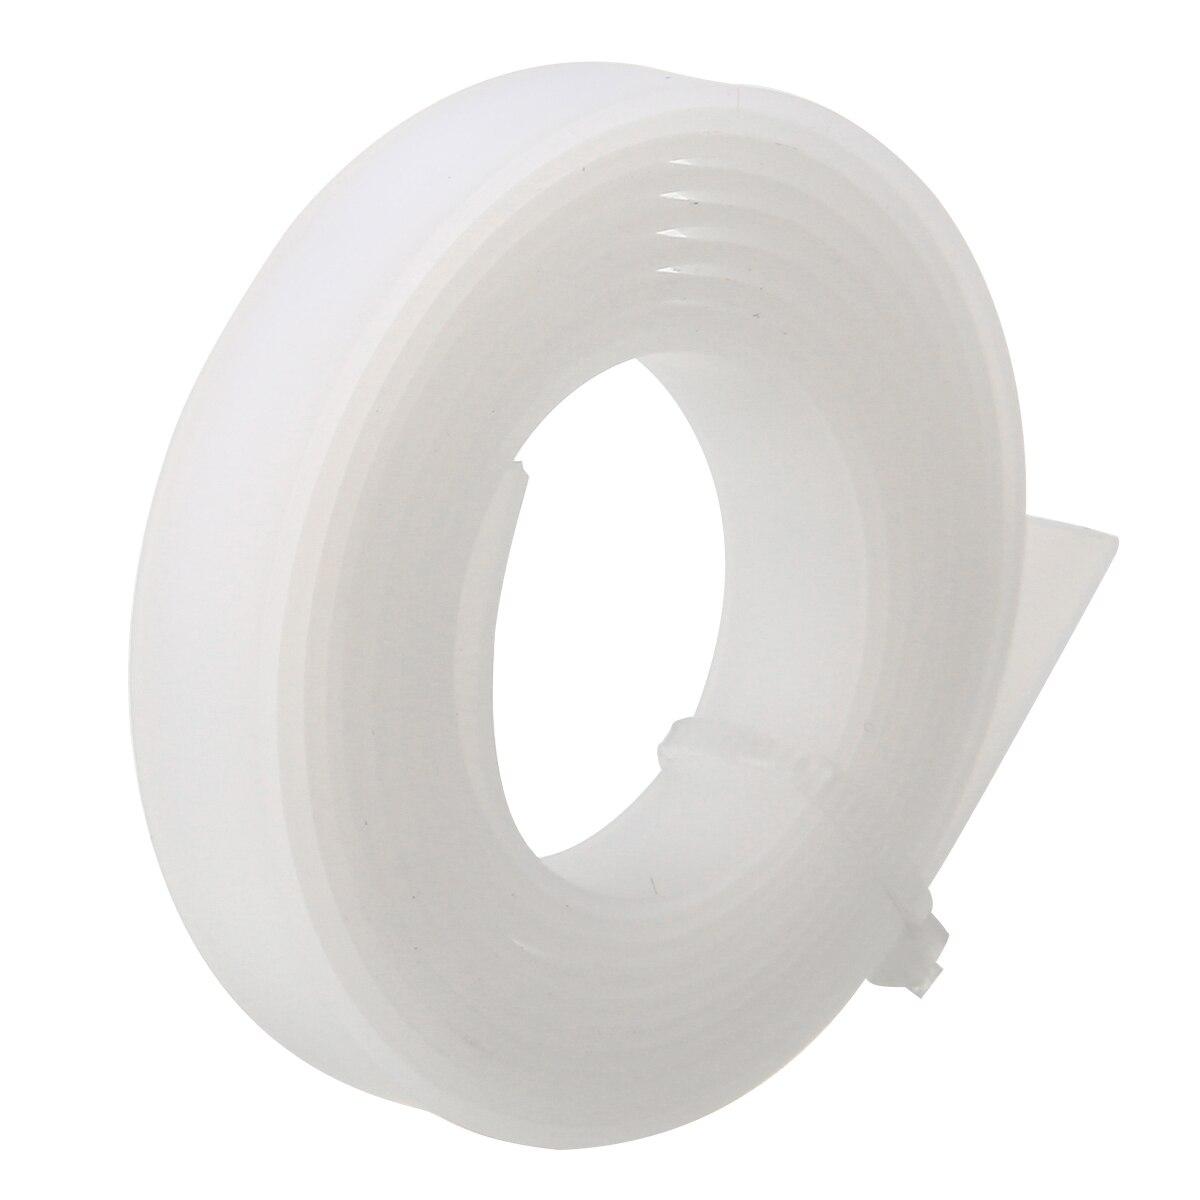 1 rolle Schneiden Plotter Klinge Streifen Schutz Tape Vinyl Cutter Streifen 100 cmx8mm